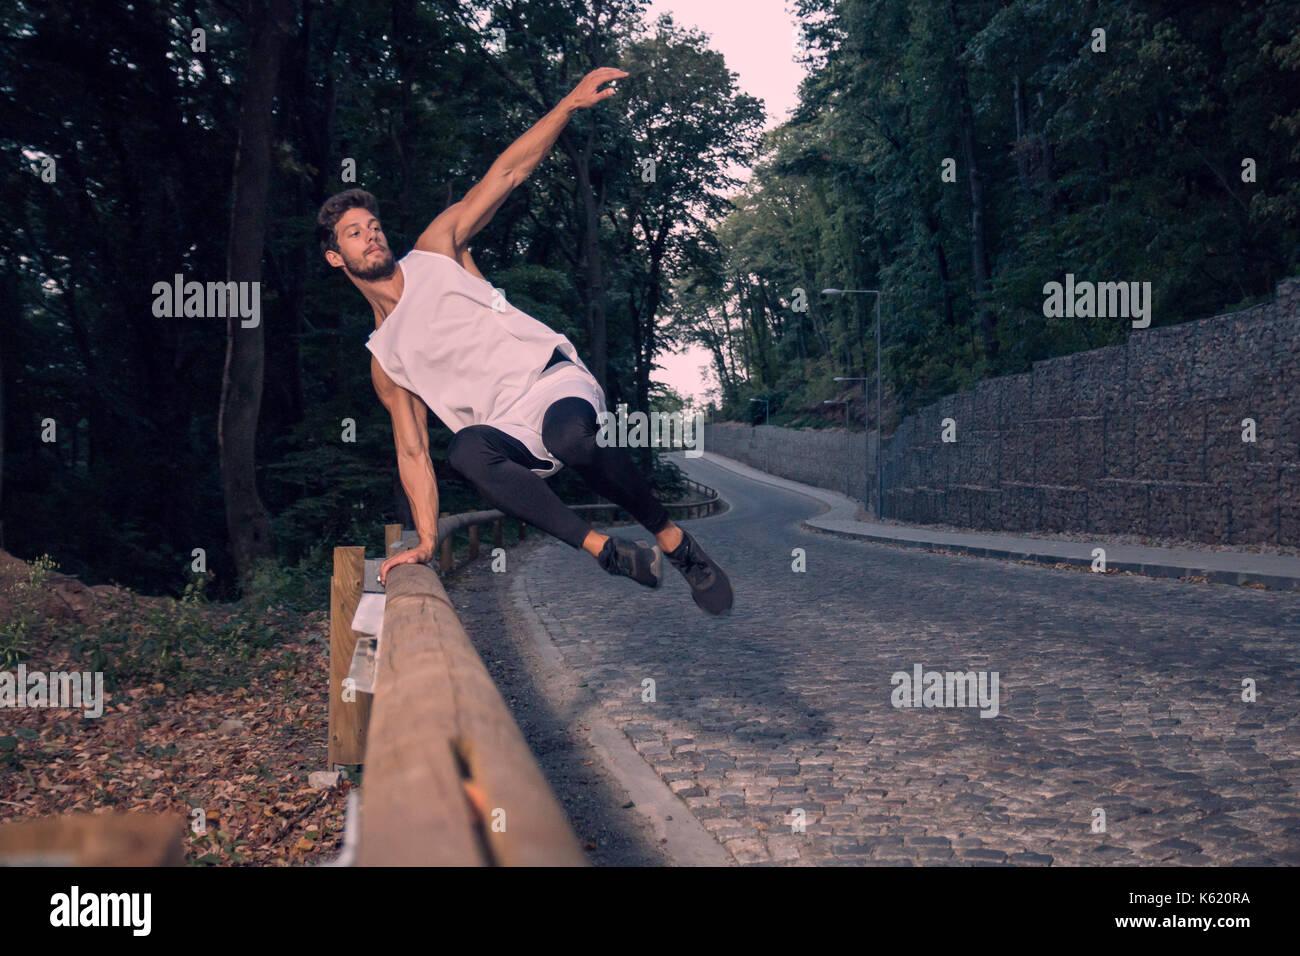 Deux jeunes gens, l'aventure, à l'extérieur, forêt route man jumping fence, parkour street stunt, région rurale, le saut dans l'air Photo Stock